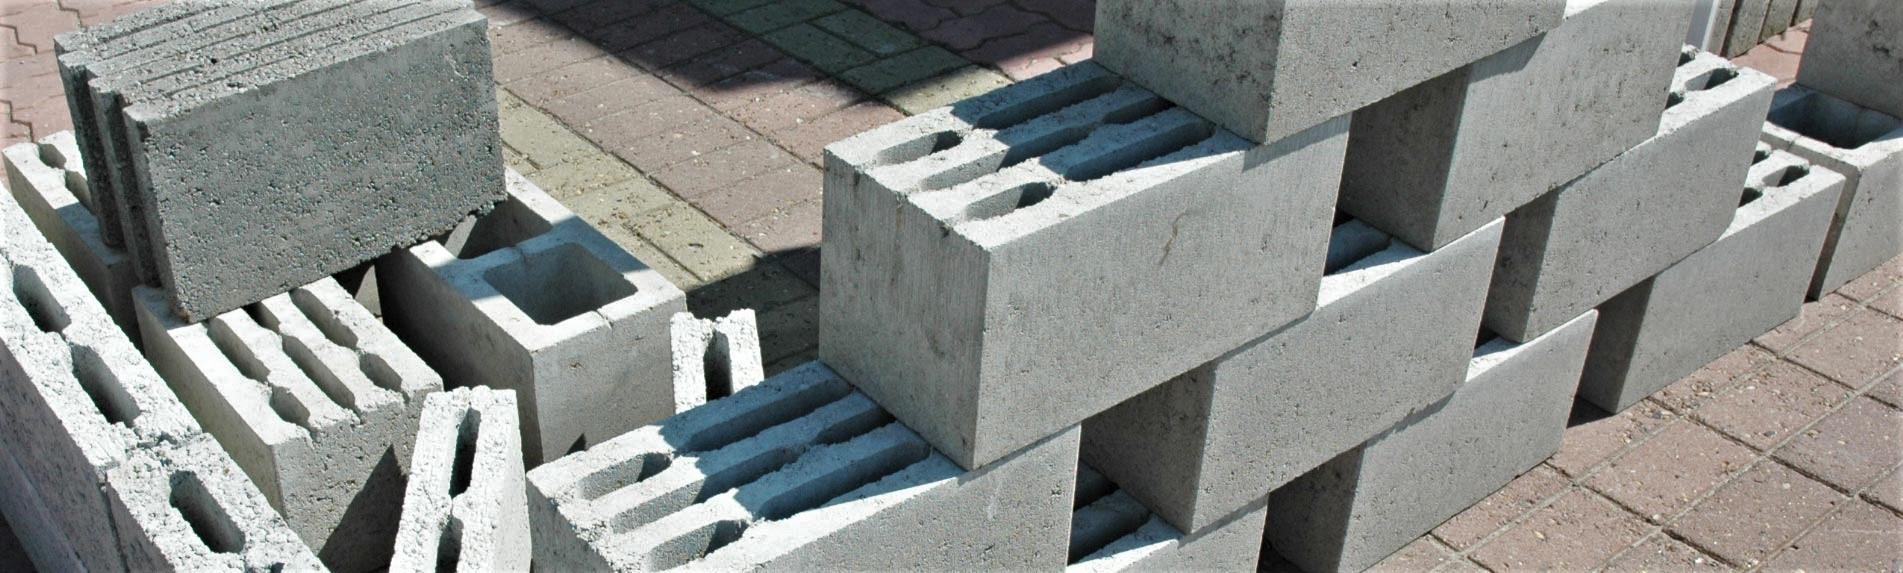 Керамзитобетон достоинства и недостатки купить бетон в богородицке тульской